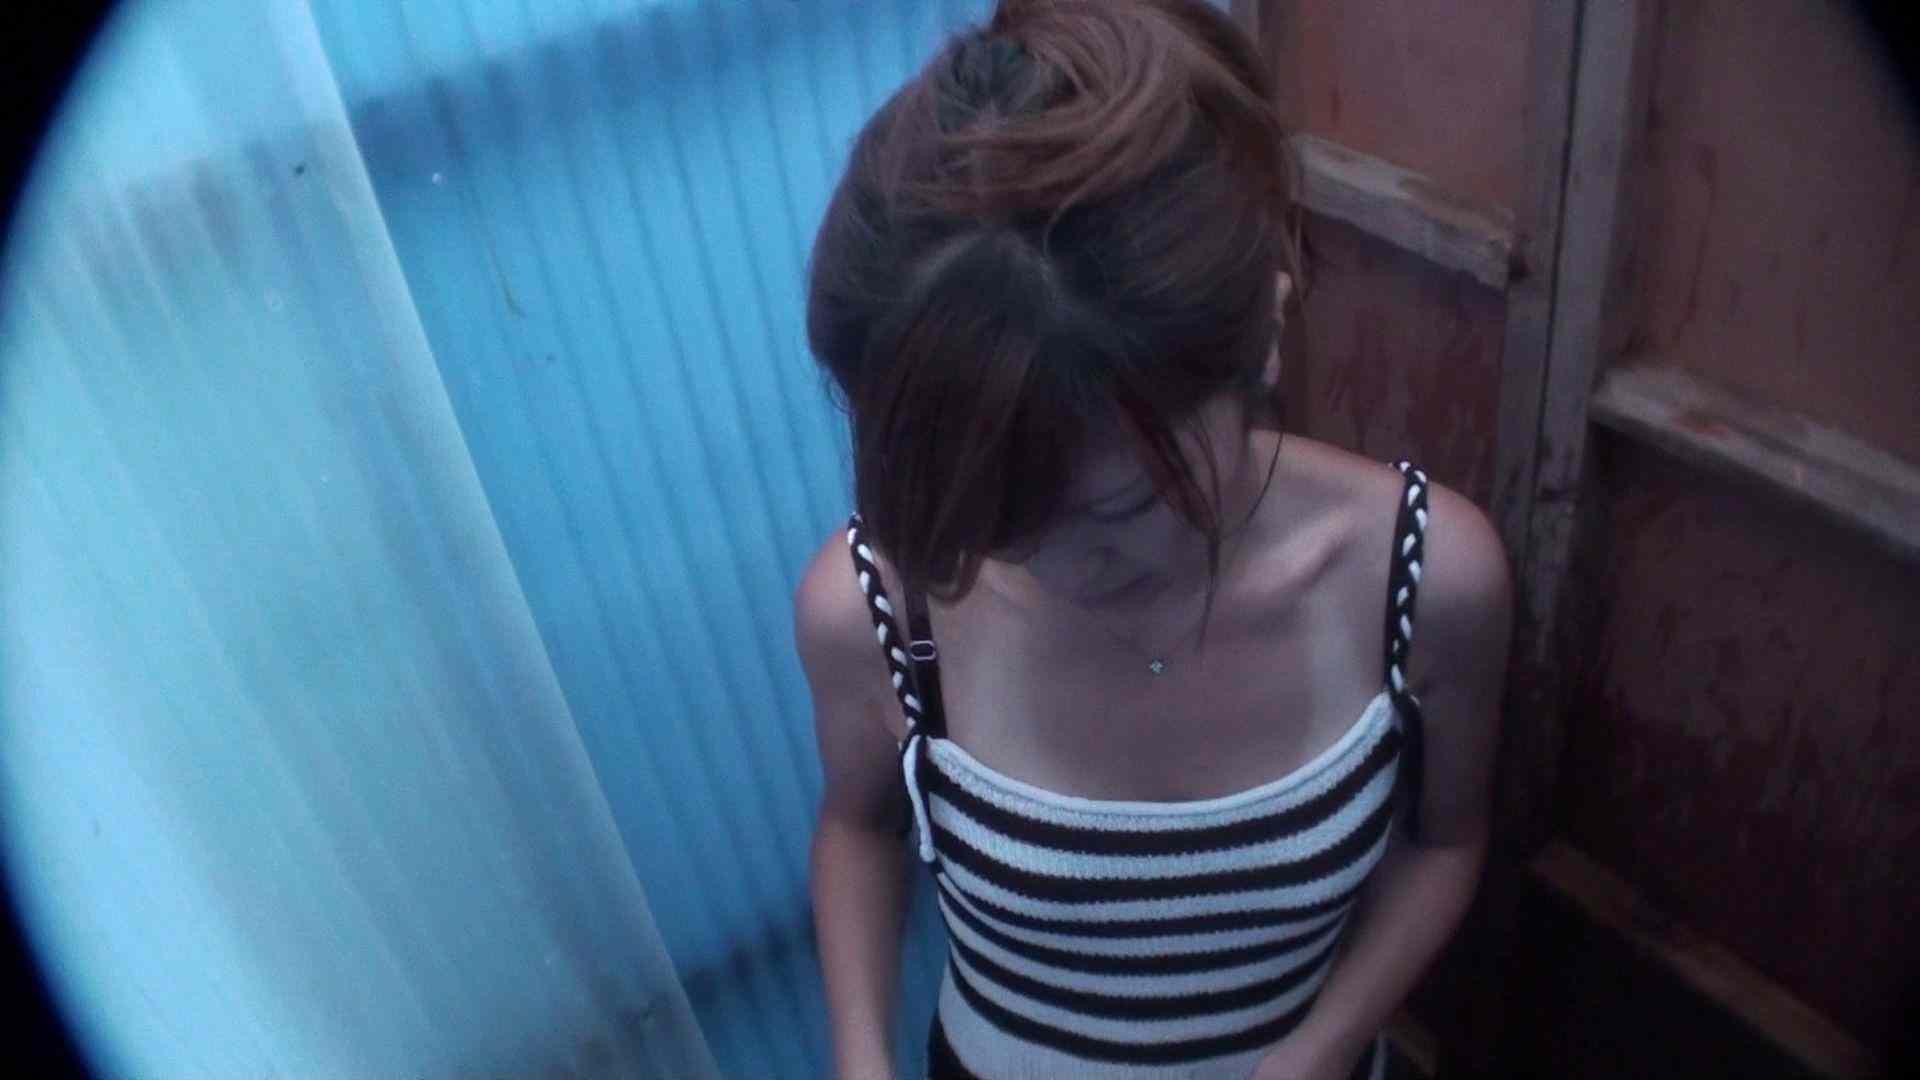 シャワールームは超!!危険な香りVol.22 オッパイに盛りが欲しい貧乳美女 貧乳編 スケベ動画紹介 74画像 18